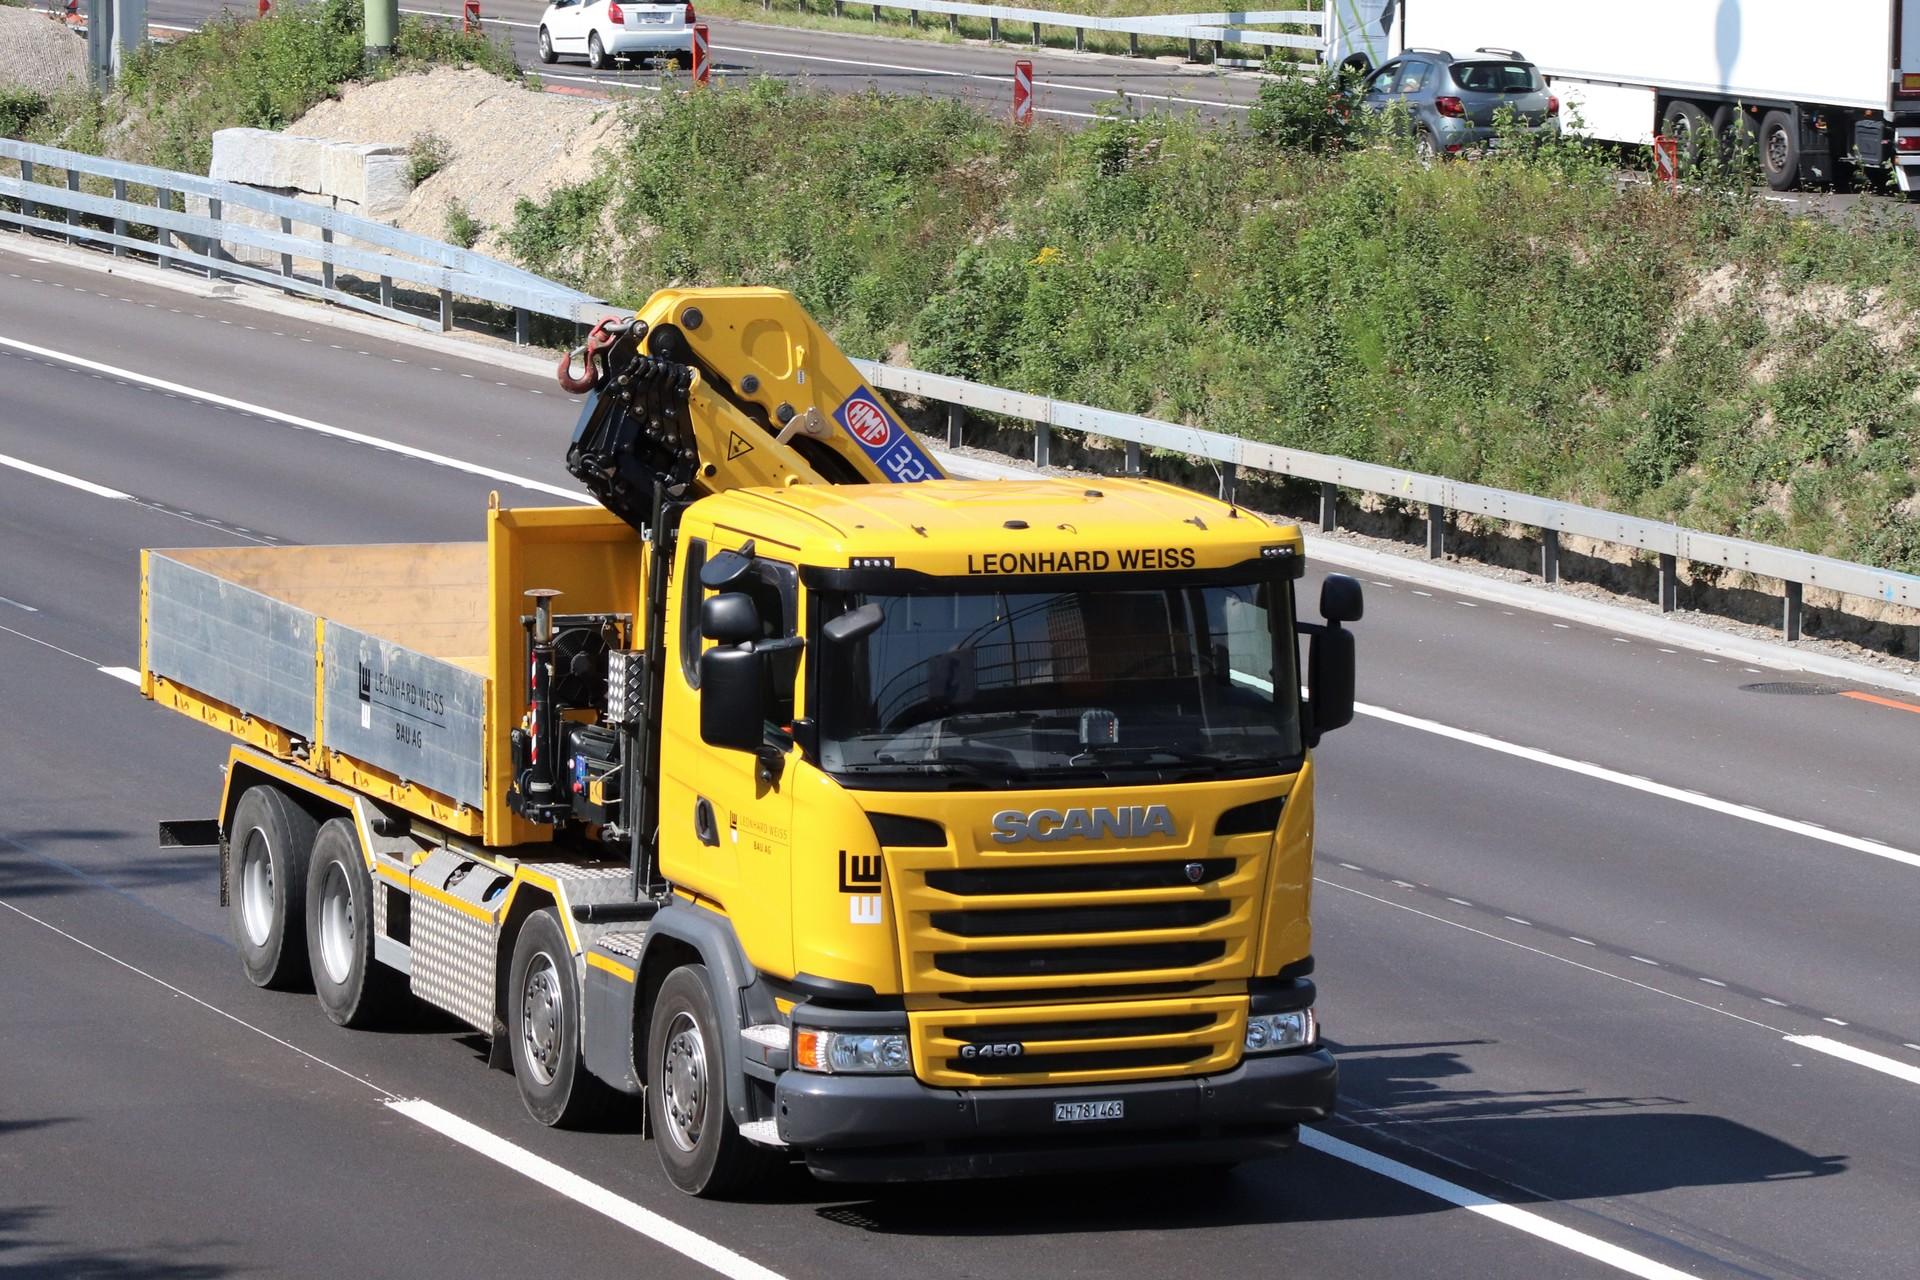 Scania G'13 450 Hakengerät 4a Leonhard Weiss.JPG